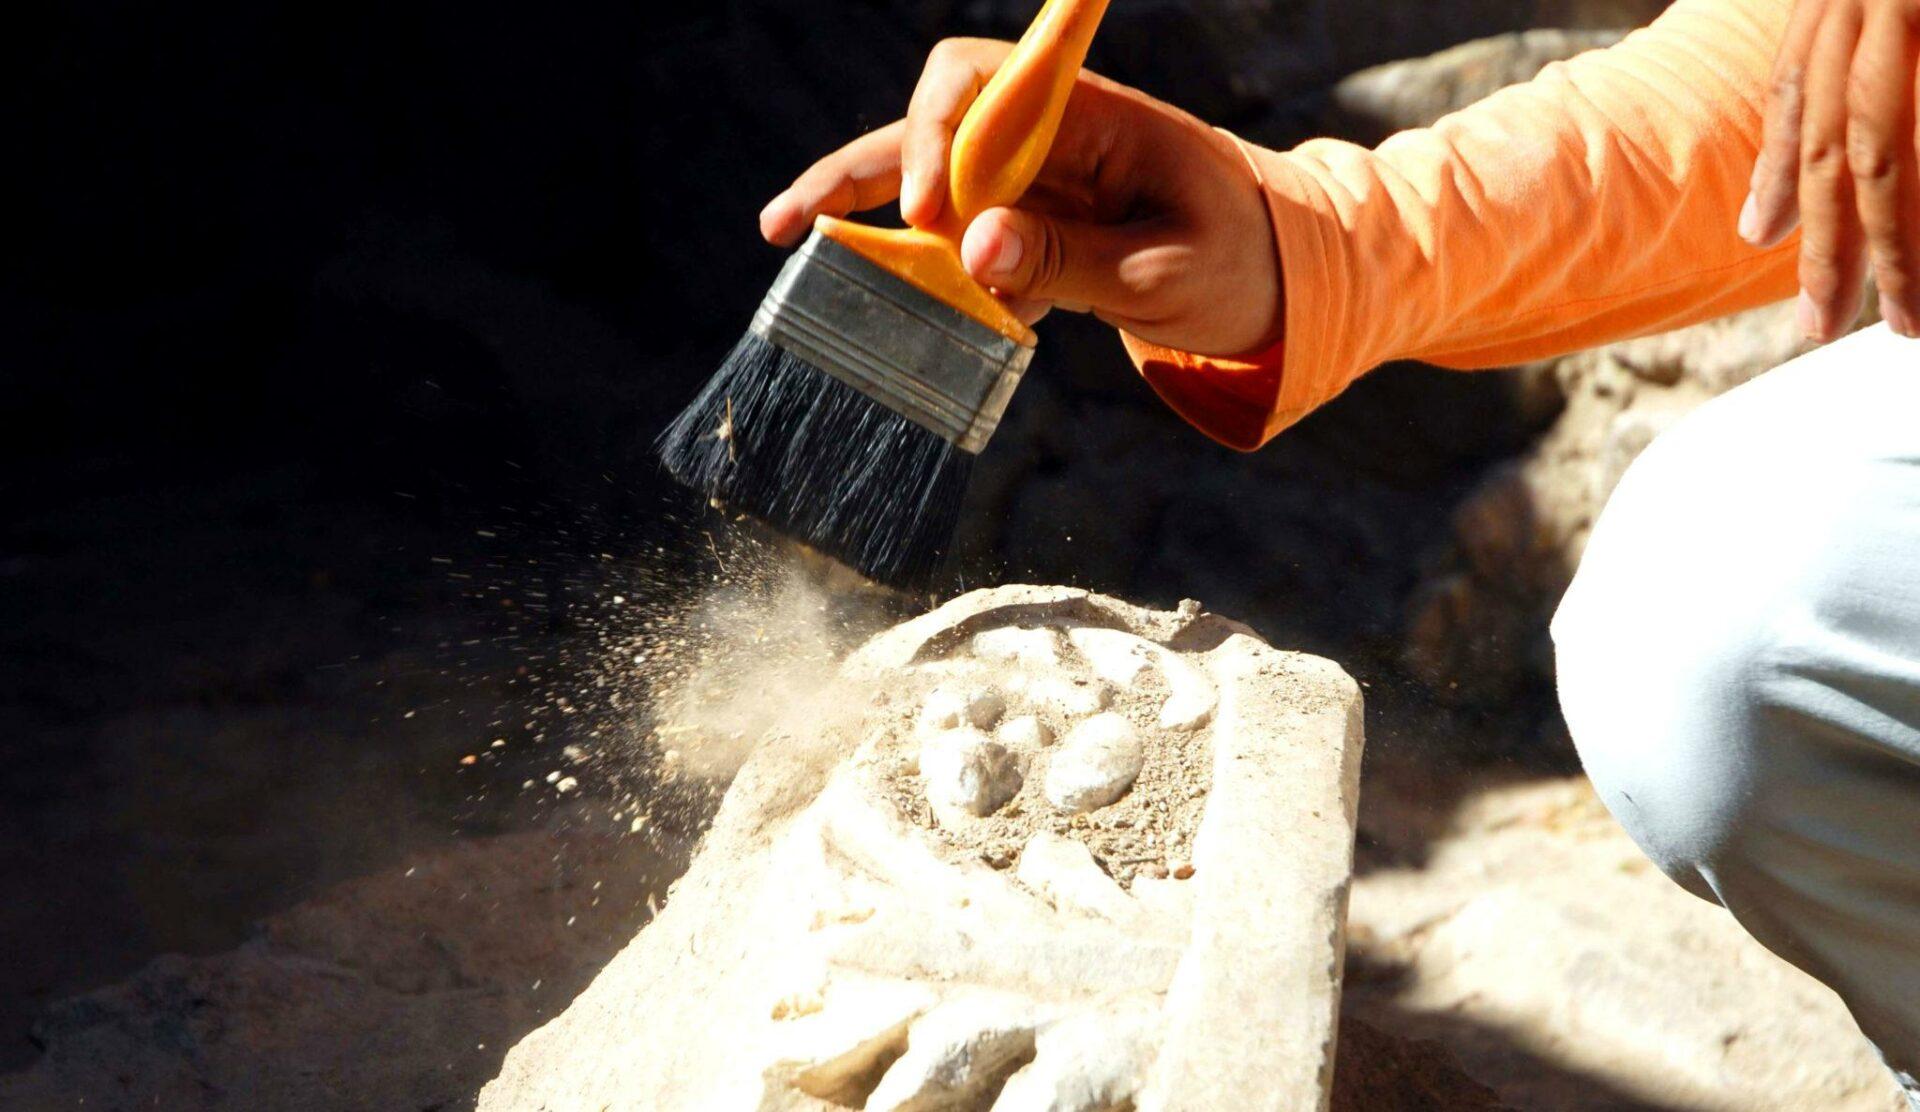 Археологи из Украины обнаружили остатки вигвама старше 30 тысяч лет